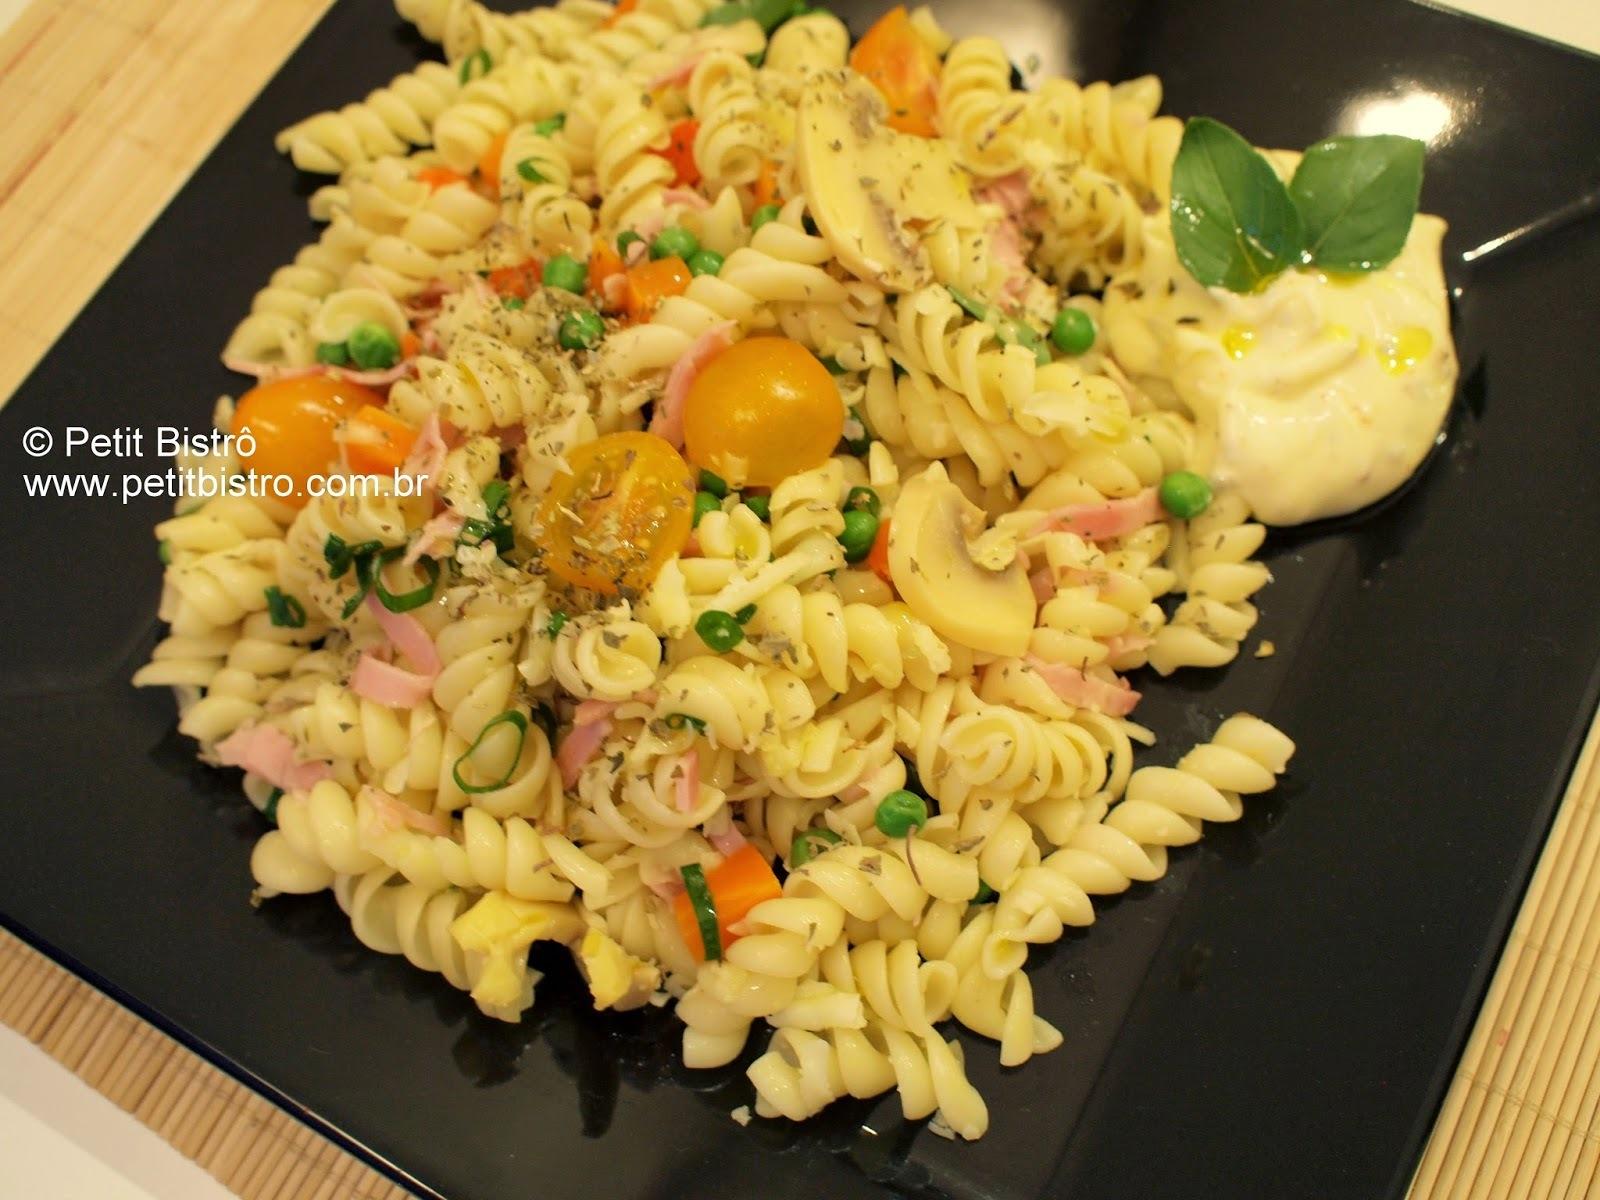 salada de macarrão com maionese fria